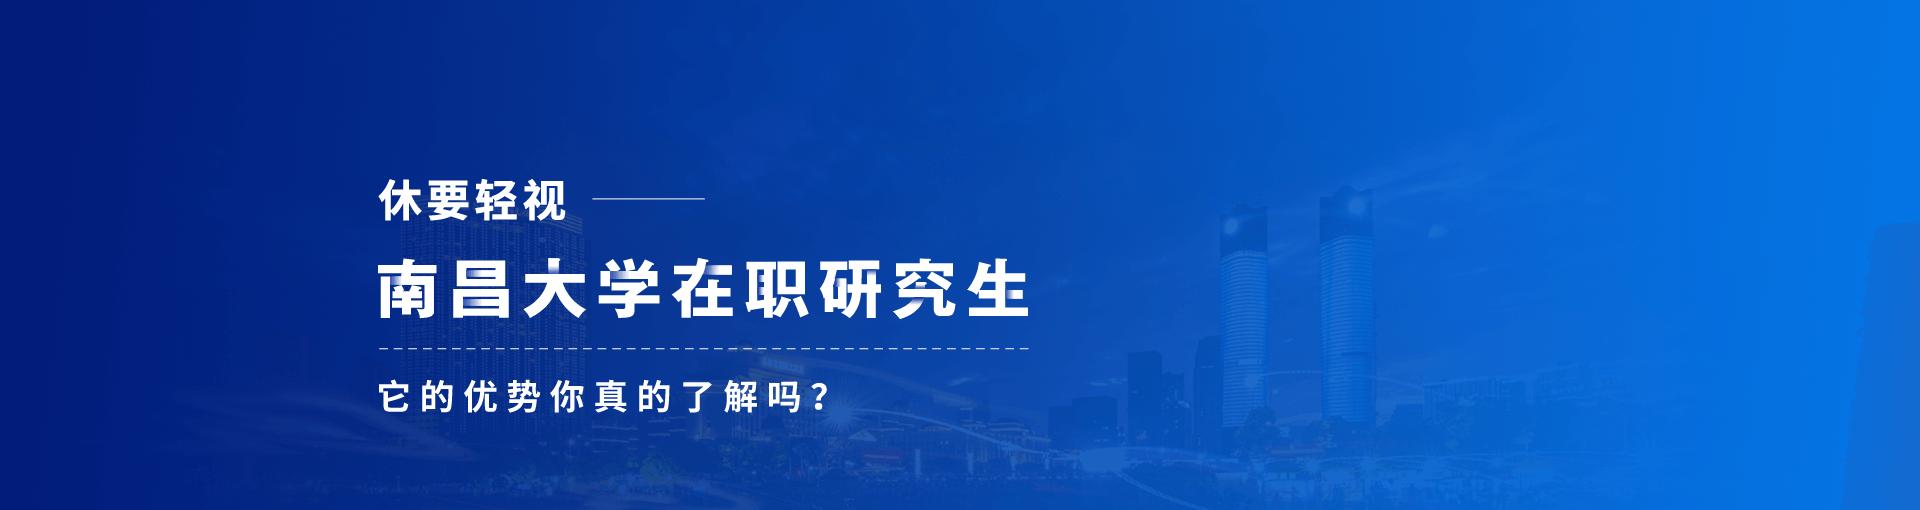 2019年南昌大学在职研究生优势